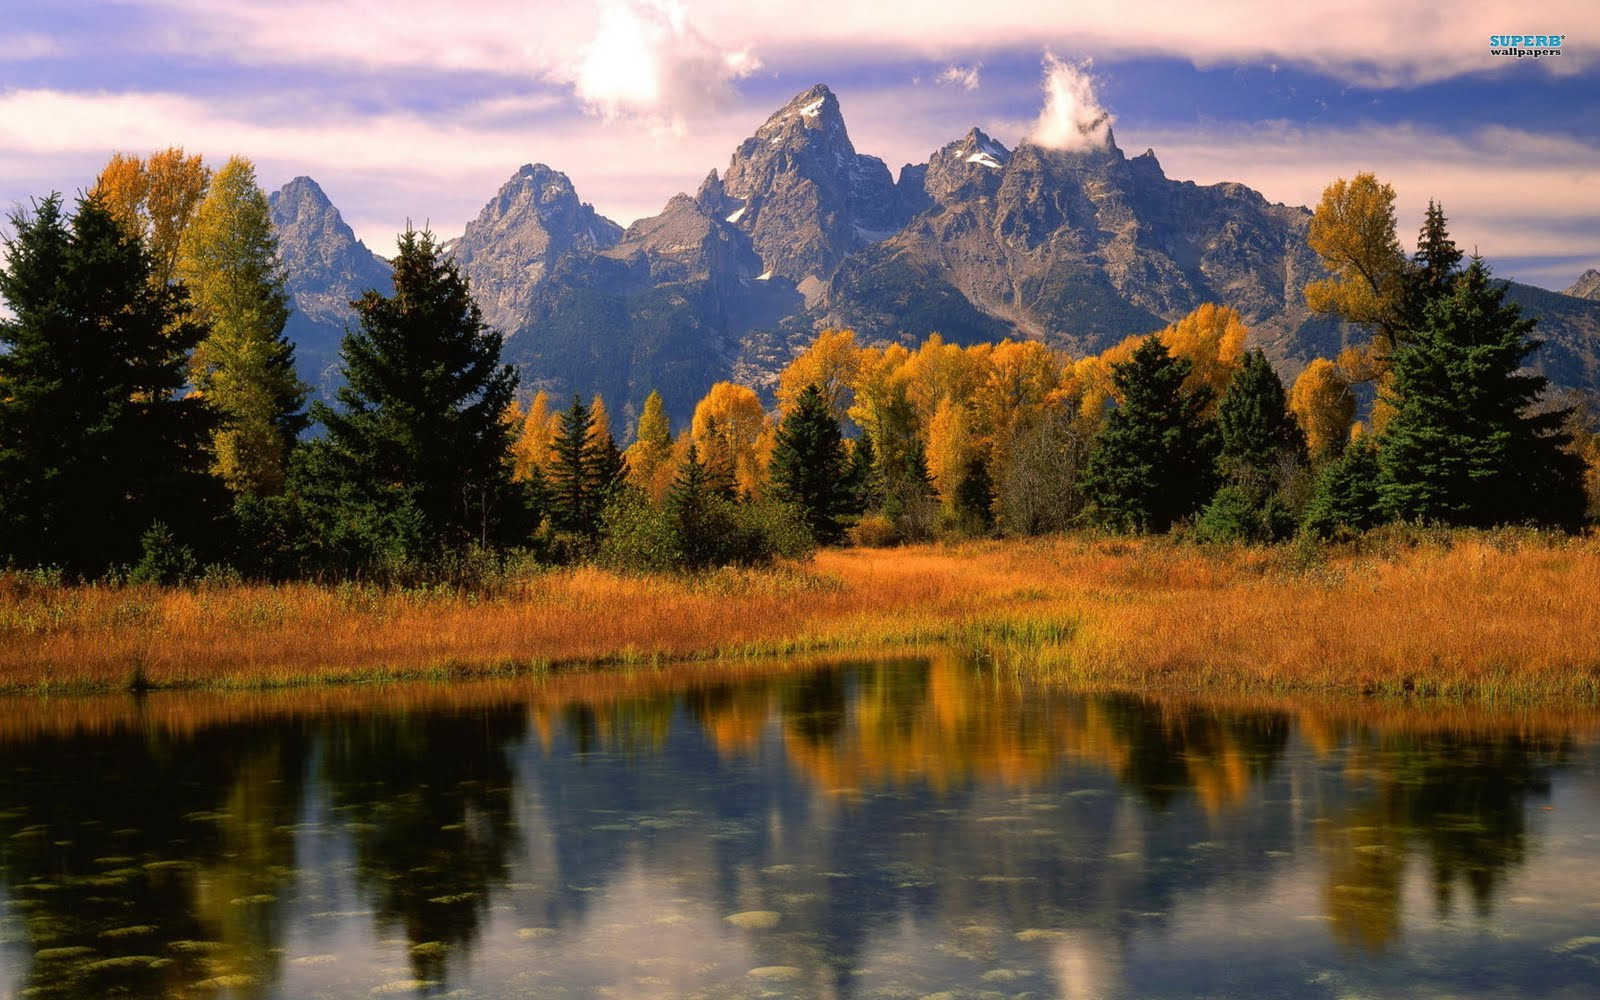 http://2.bp.blogspot.com/-h8GeXBSjWOY/TcwShoLNLjI/AAAAAAAANNY/yXG43QDhcpk/s1600/grand-teton-national-park-3179-1920x1200%25281%2529.jpg